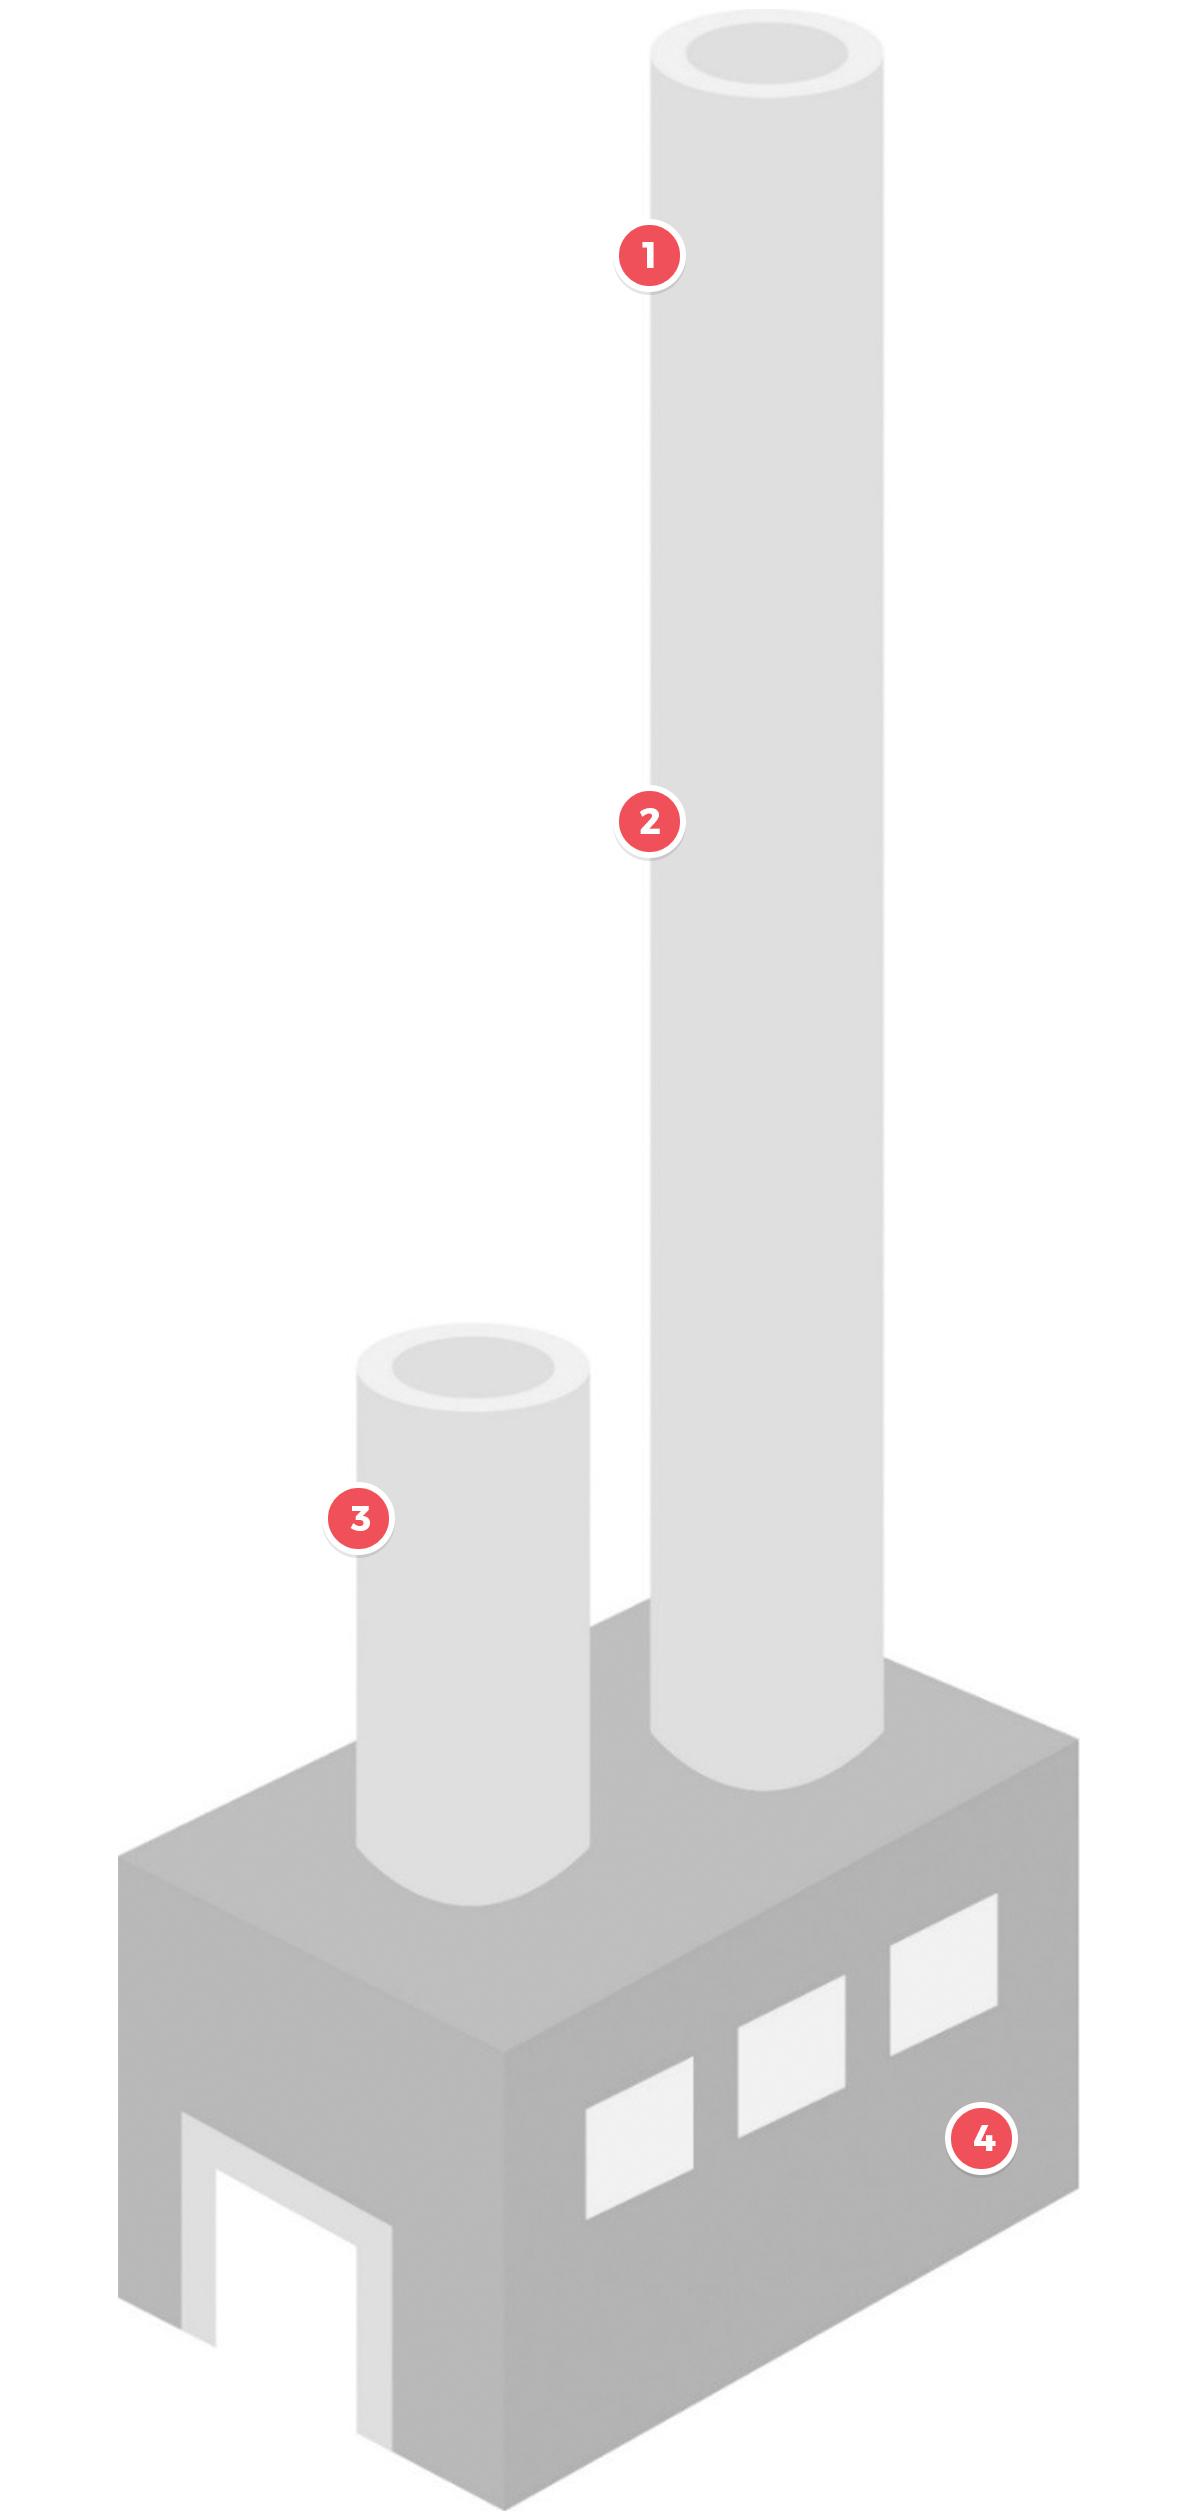 delta-box_aplicaciones_balizaje-aereo-para-chimeneas-schema-visuel